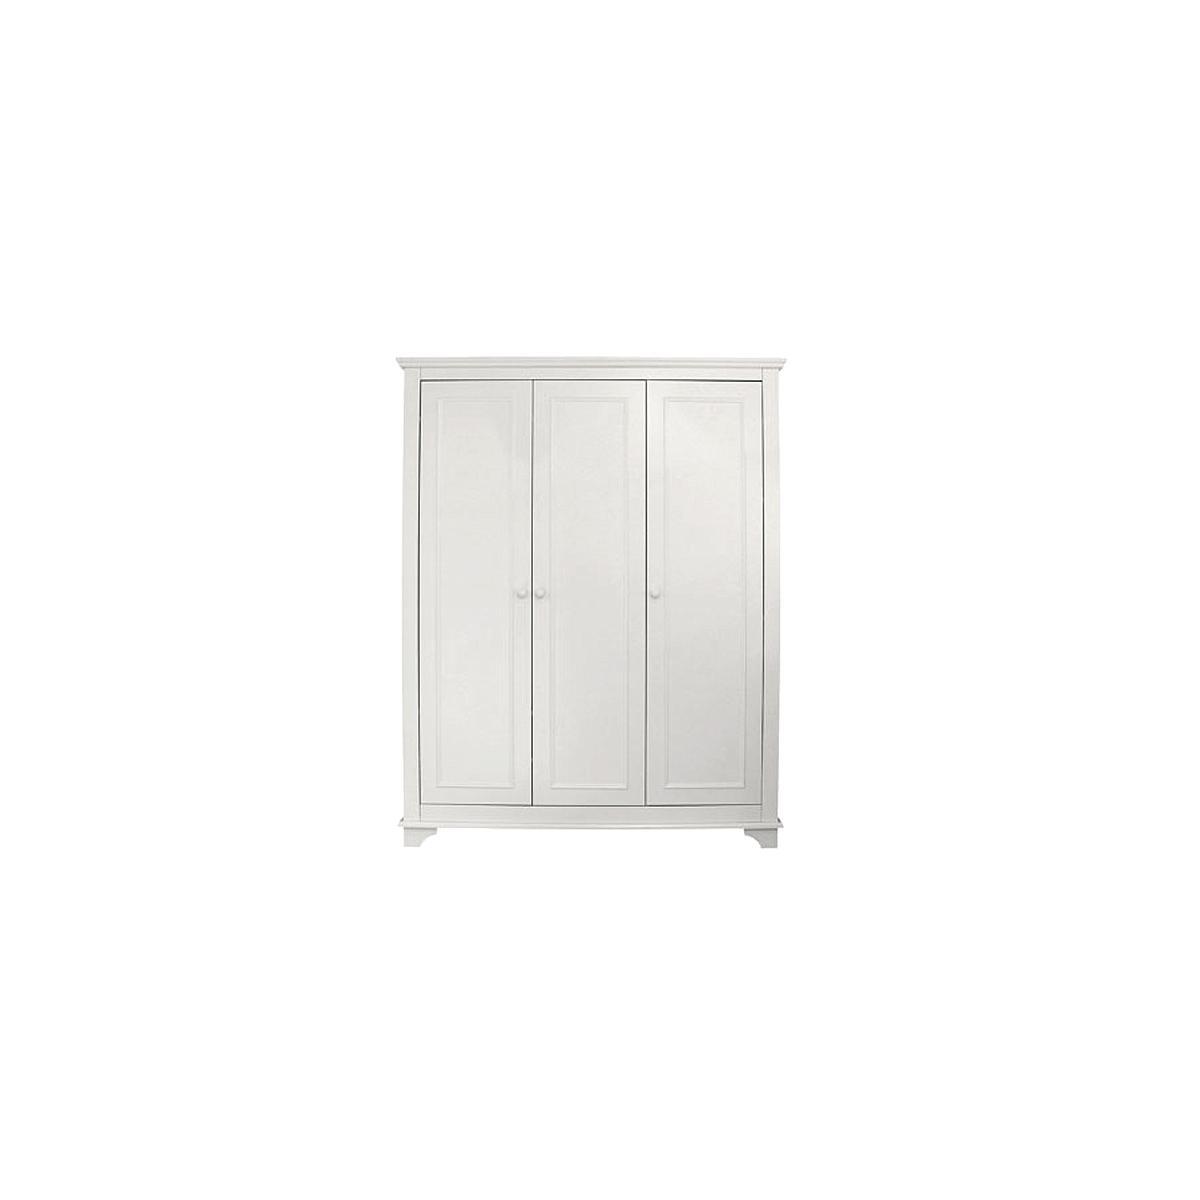 Kleiderschrank 3 Türen CHARLOTTE Bopita weiß